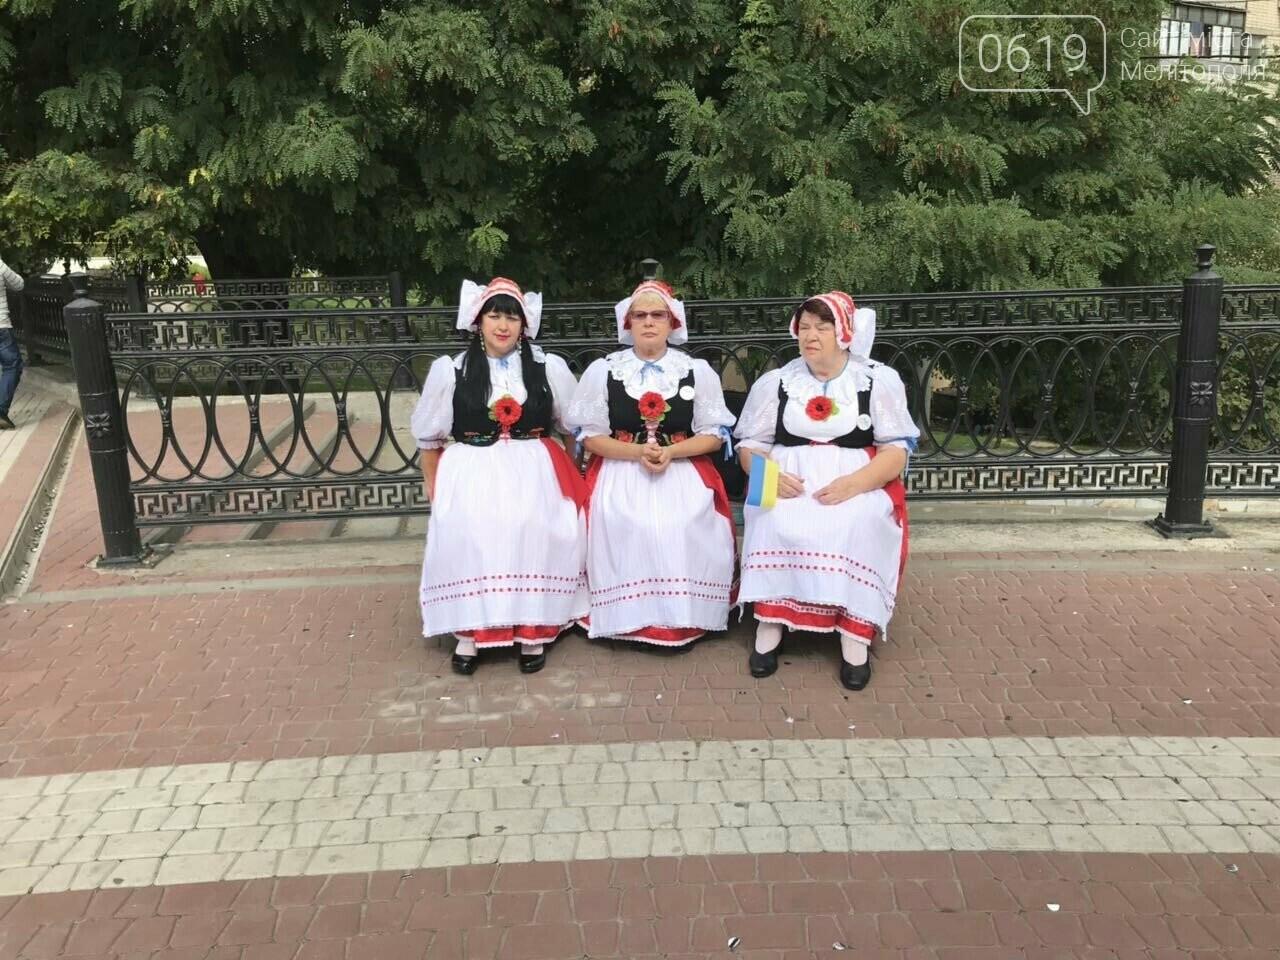 Вкусные блюда, яркие костюмы, выставки-ярмарки: в Мелитополе проходит фестиваль национальных культур, фото-1